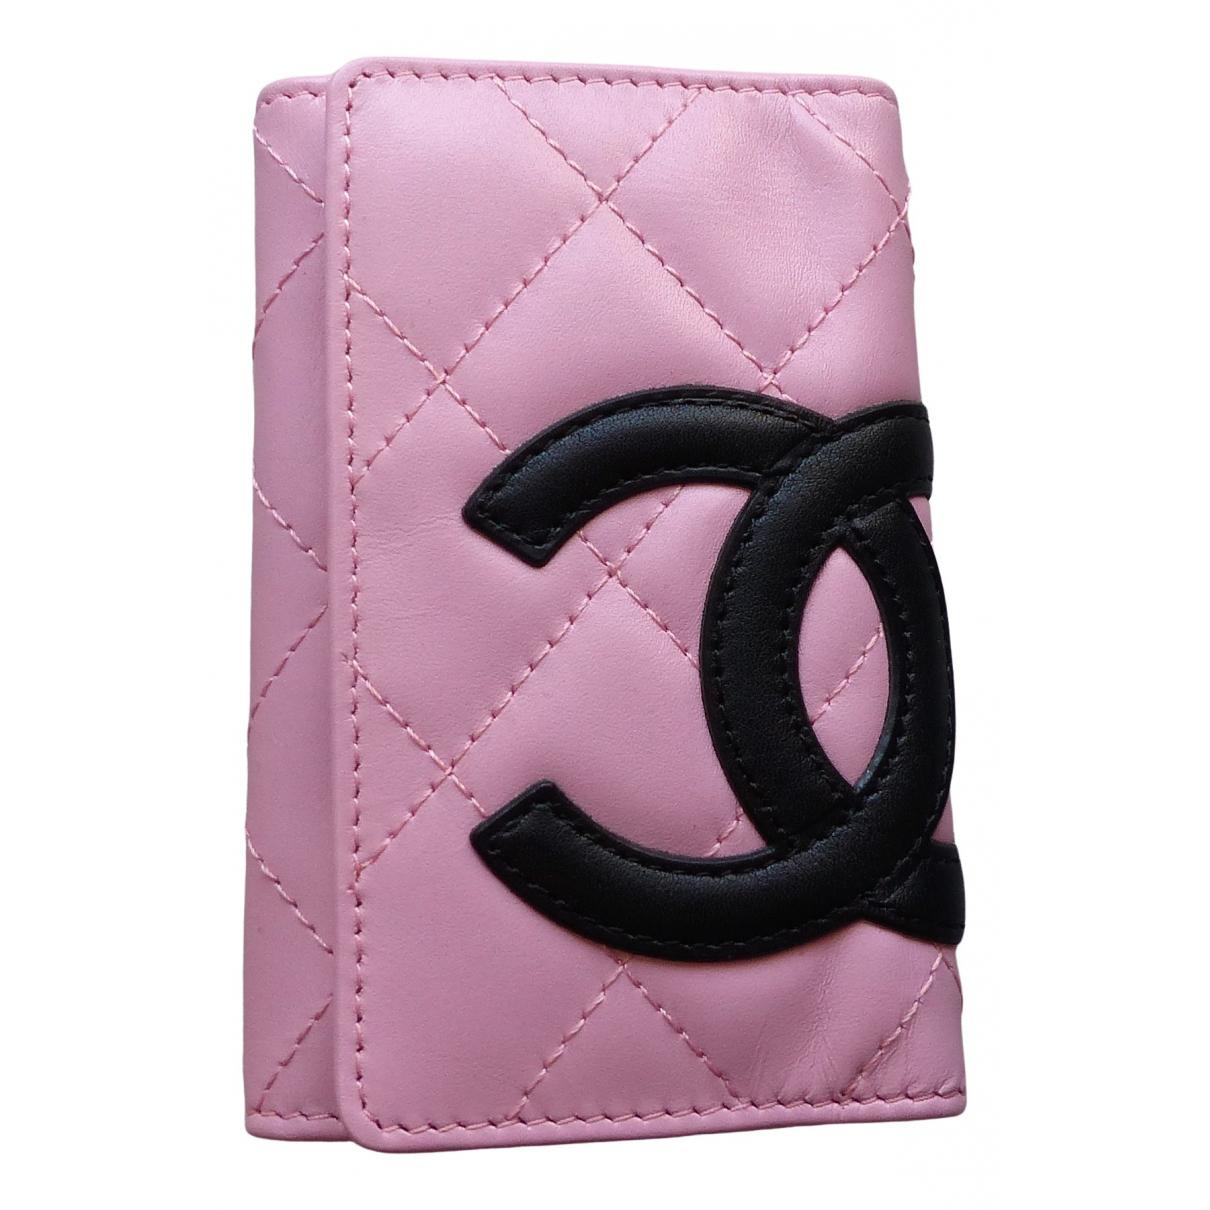 Llavero Cambon de Cuero Chanel